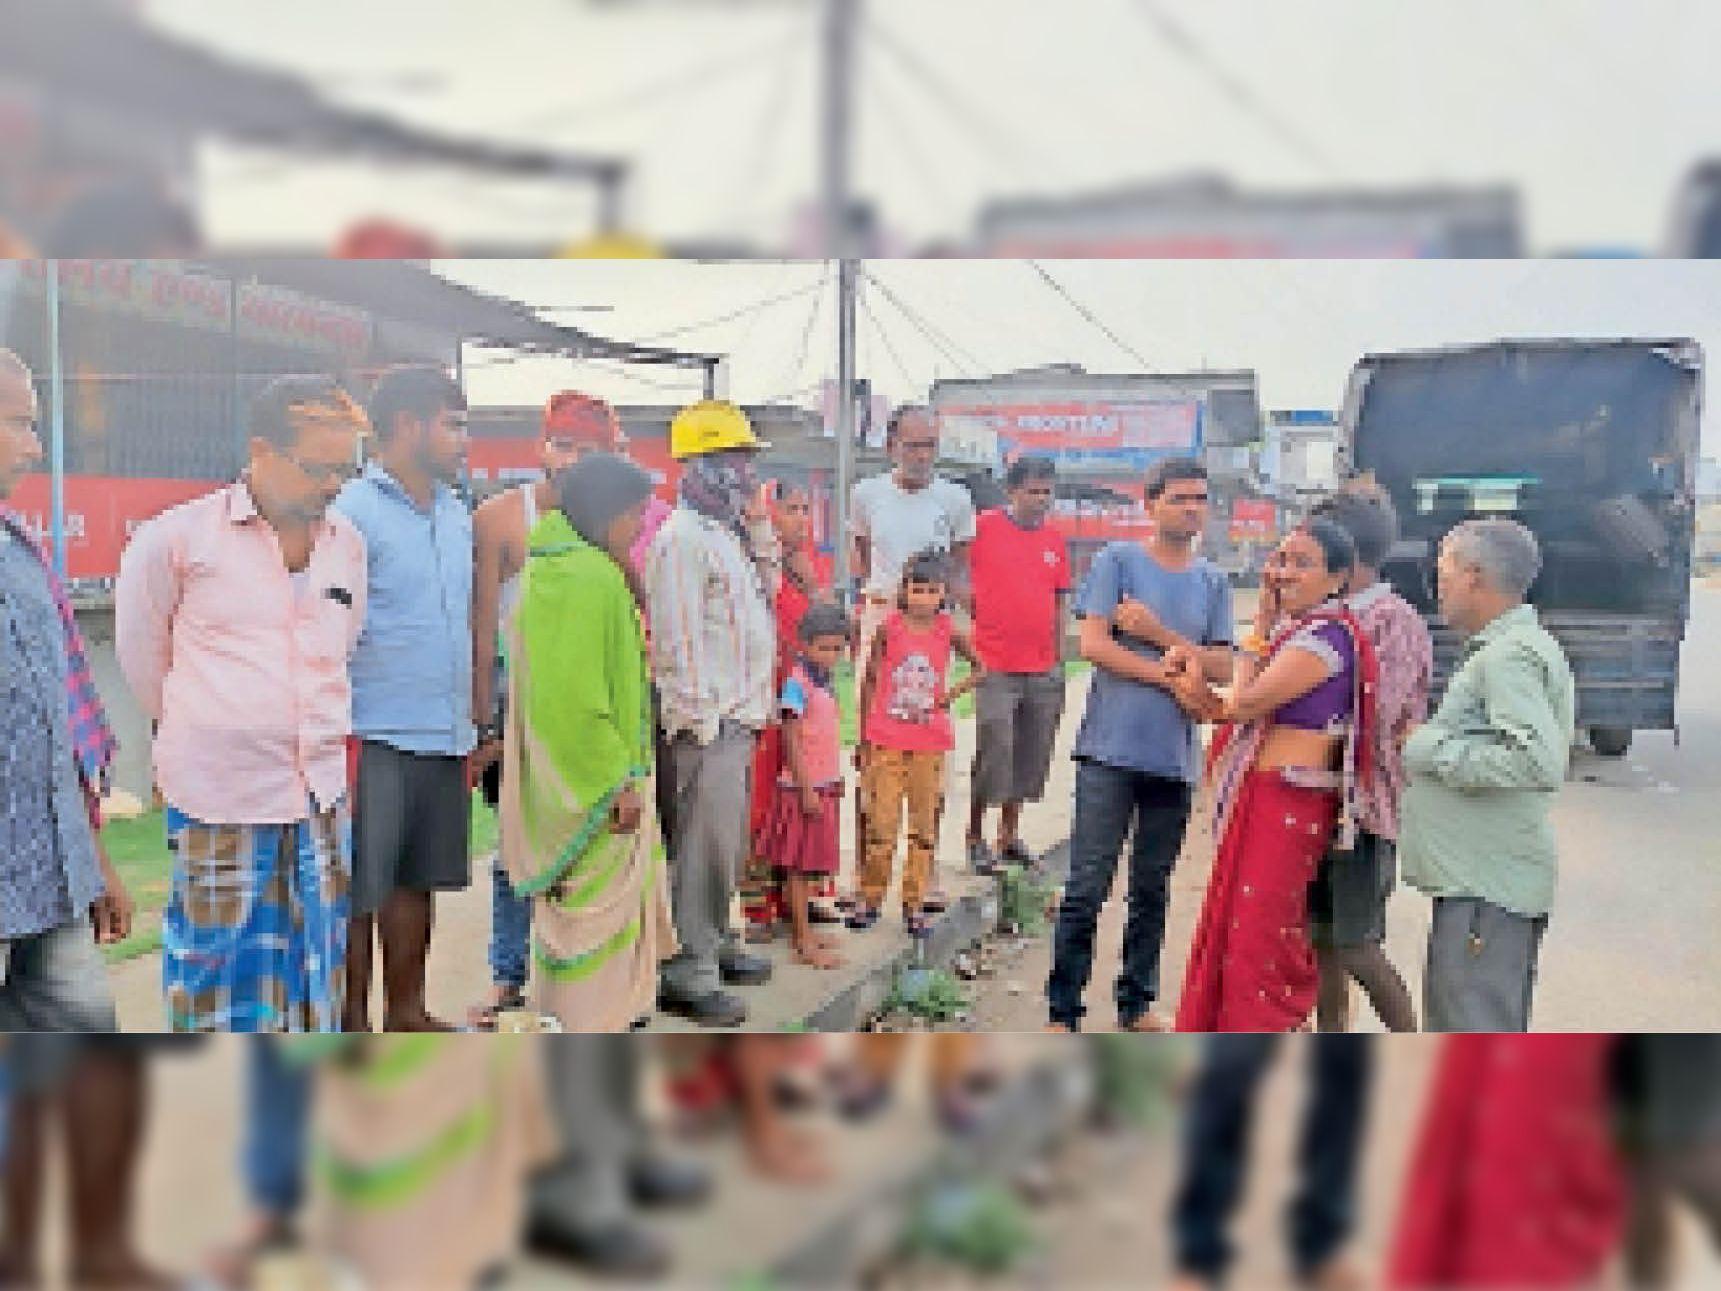 चितरपुर में जुटी लोगों की भीड़। - Dainik Bhaskar